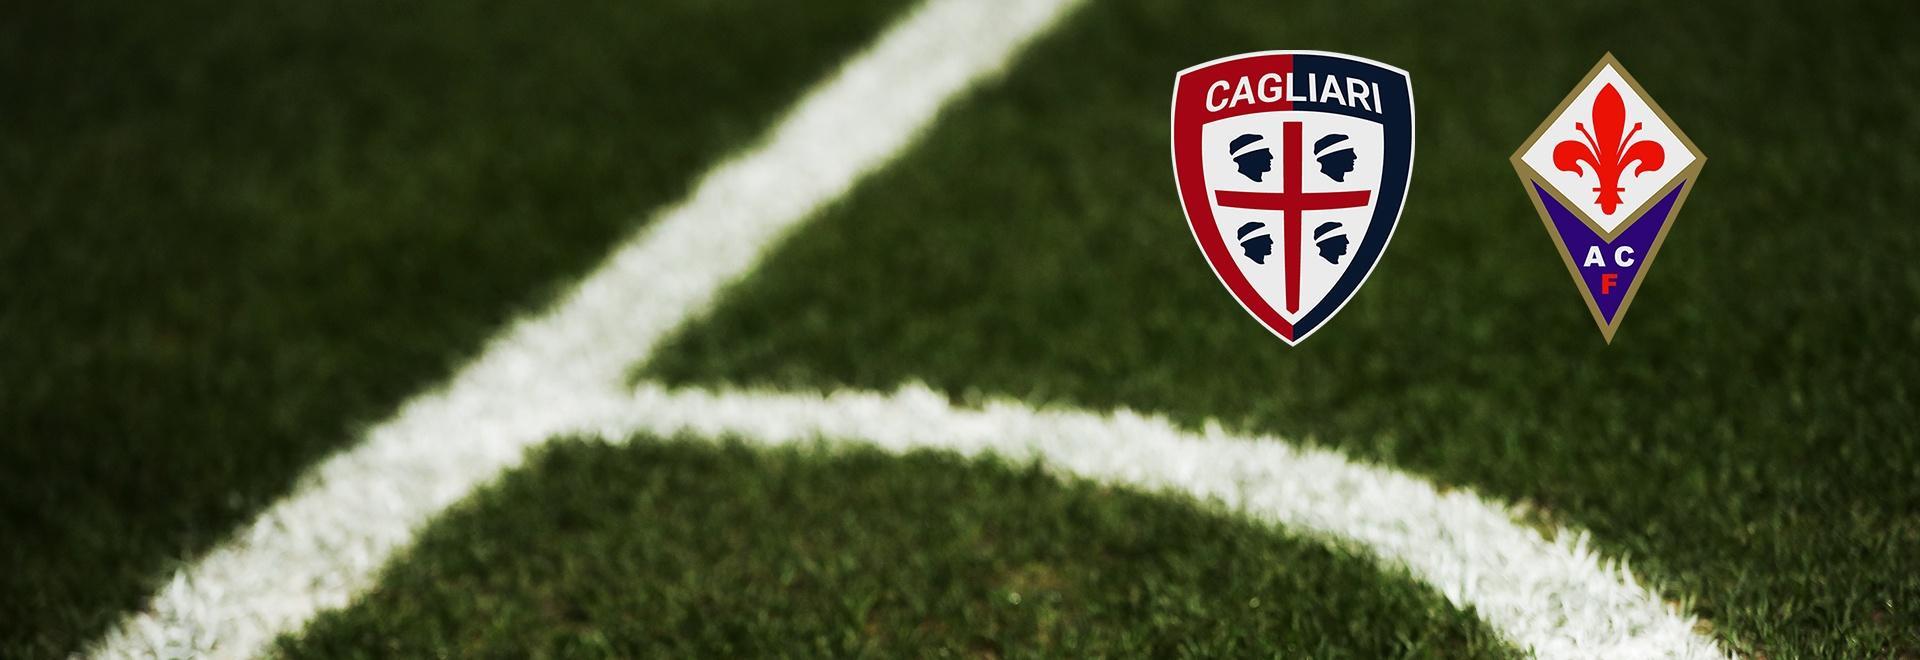 Cagliari - Fiorentina. 12a g.